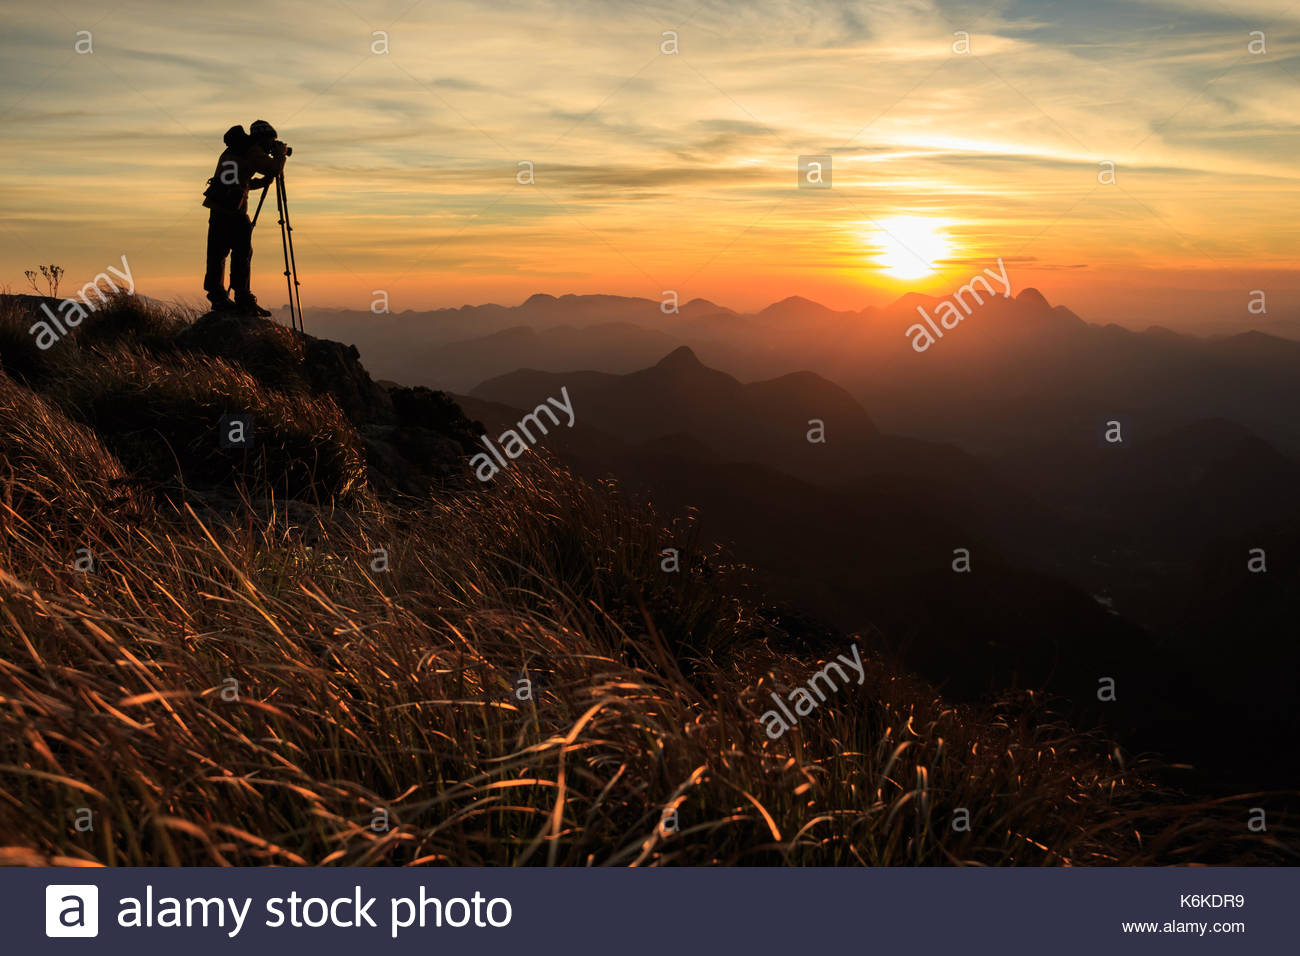 Serra dos Orgaos National Park, Rio de Janeiro, Brazil - Stock Image